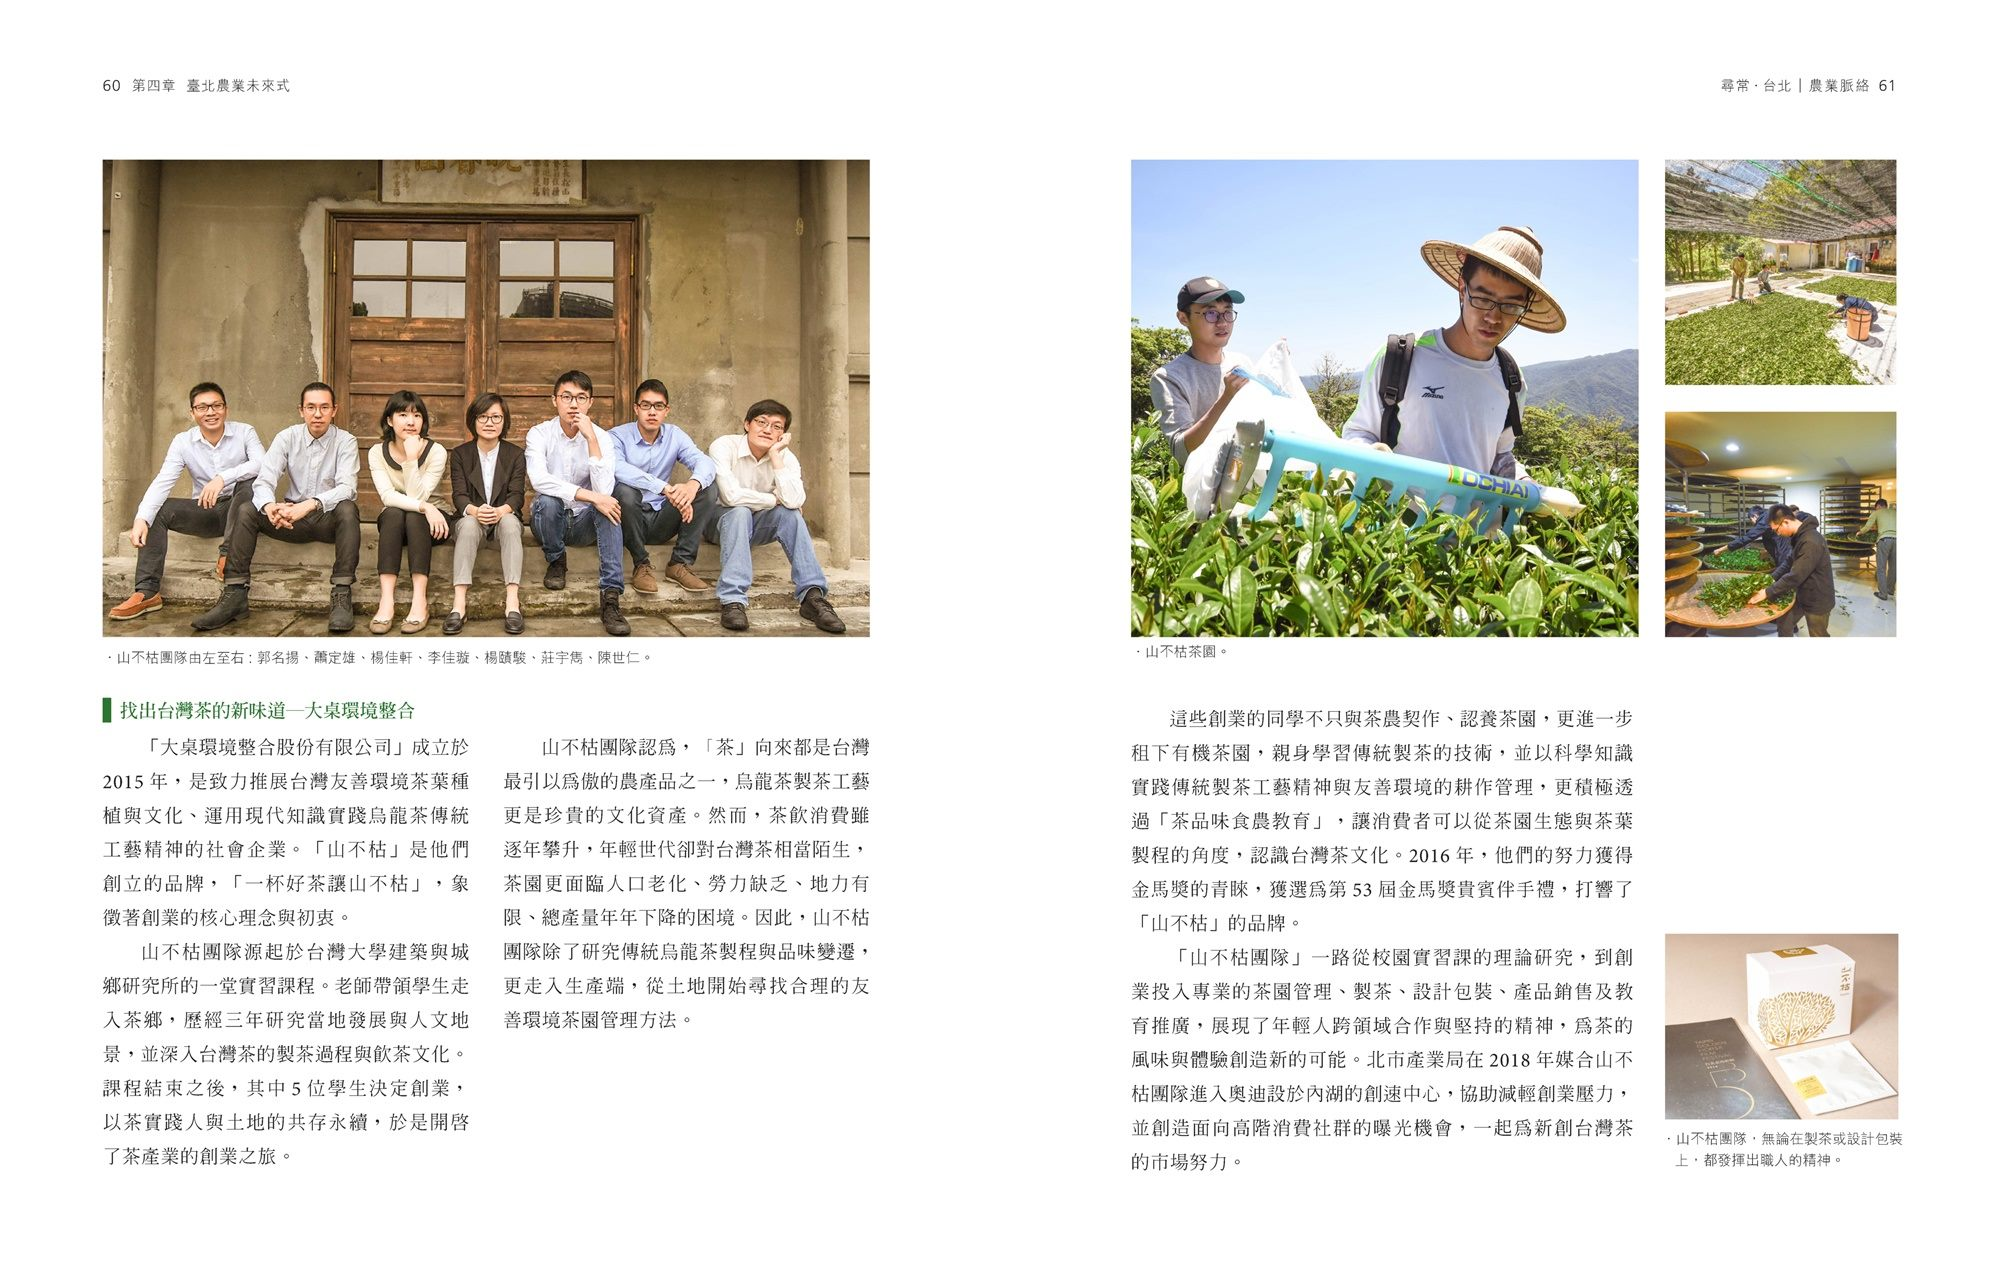 農業脈絡-內頁縮圖4